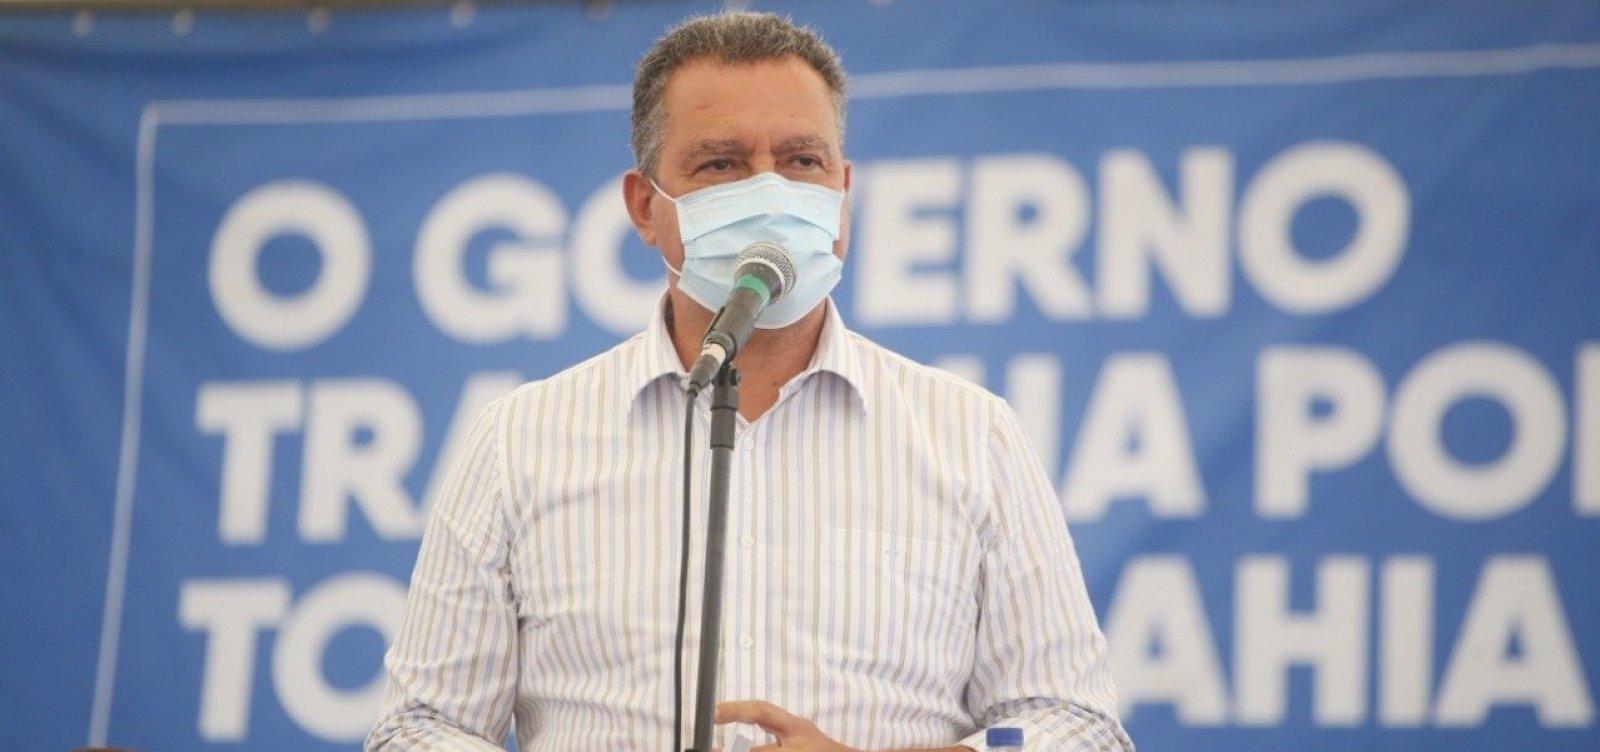 Após taxa de ocupação de UTIs chegar a 80% na Bahia, Rui Costa antecipa toque de recolher: das 20h às 5h